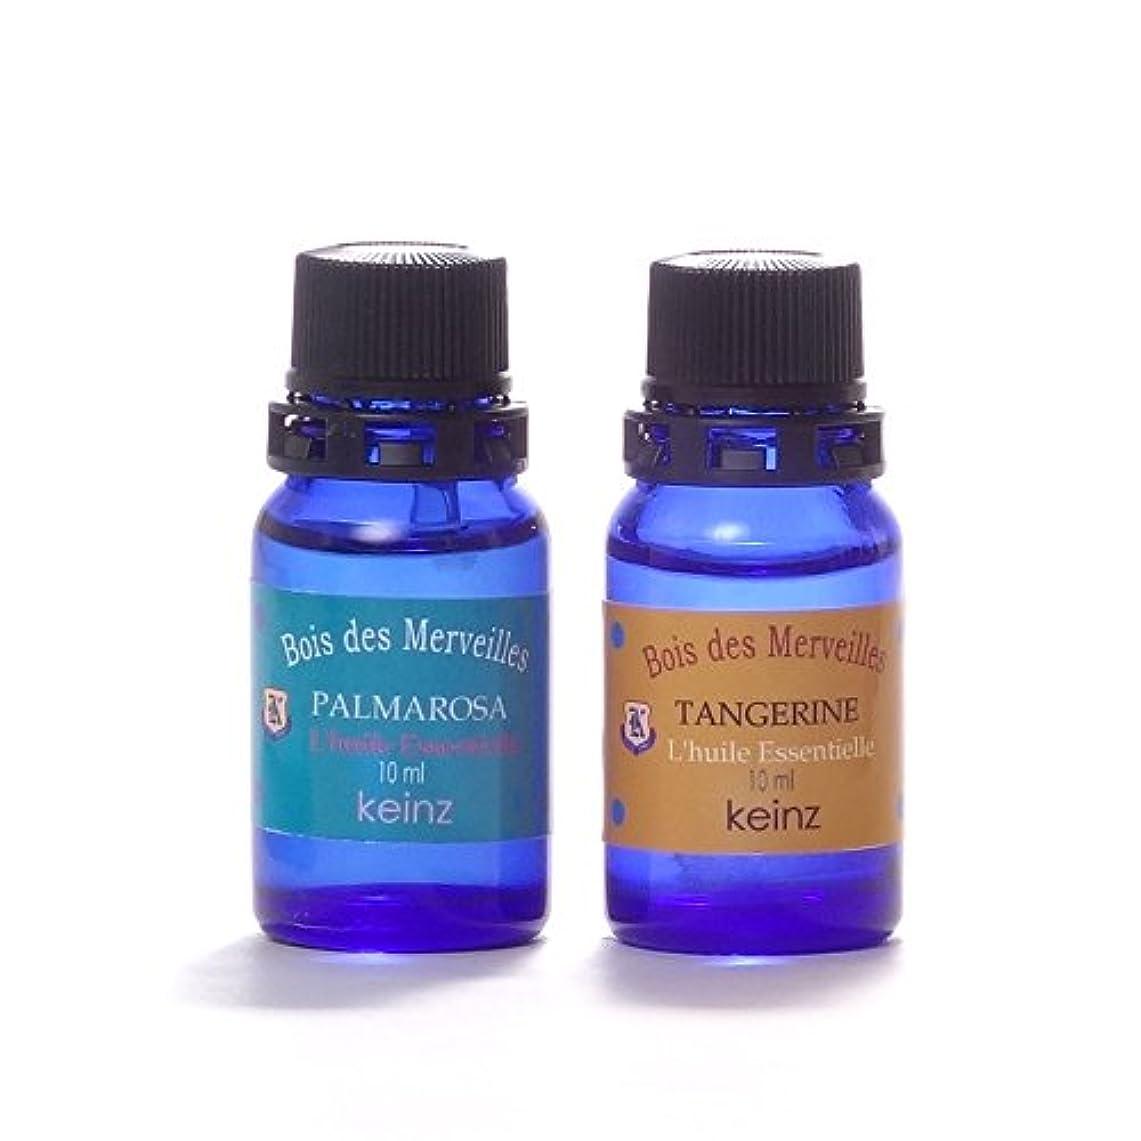 真珠のような夫婦代わりにkeinzエッセンシャルオイル「パルマローザ10ml&タンジェリン10ml」2種1セット ケインズ正規品 製造国アメリカ 水蒸気蒸留法(タンジェリンは圧搾法)による100%無添加精油 人工香料は使っていません。